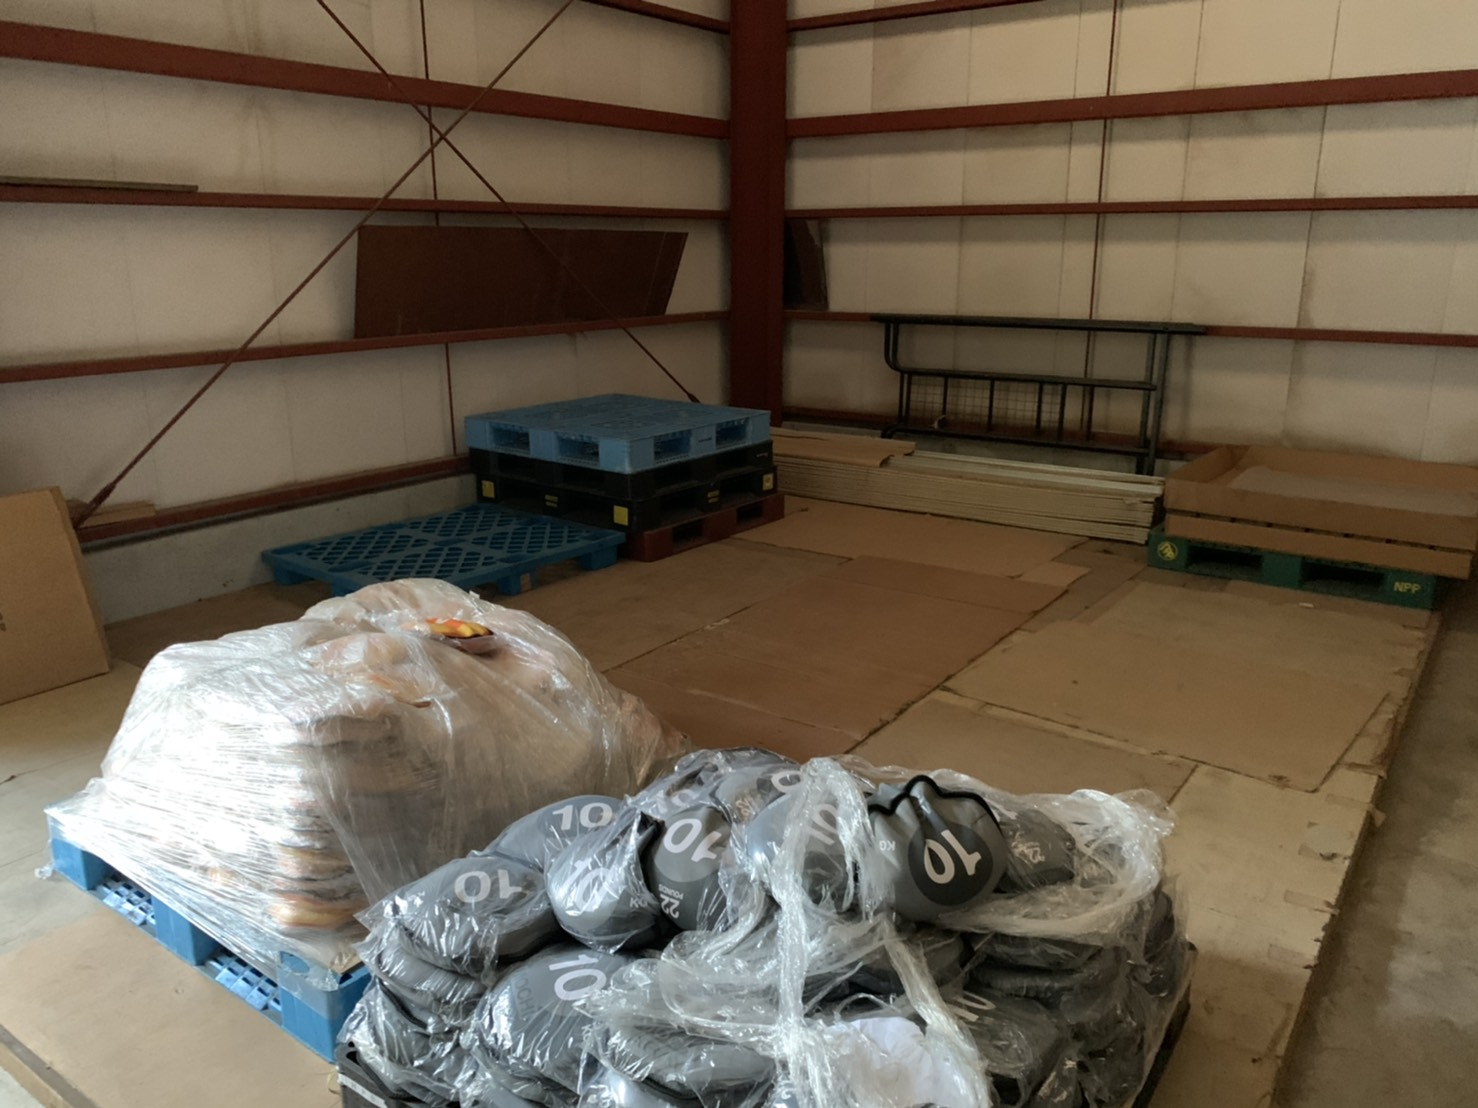 倉庫内の不用品の回収後